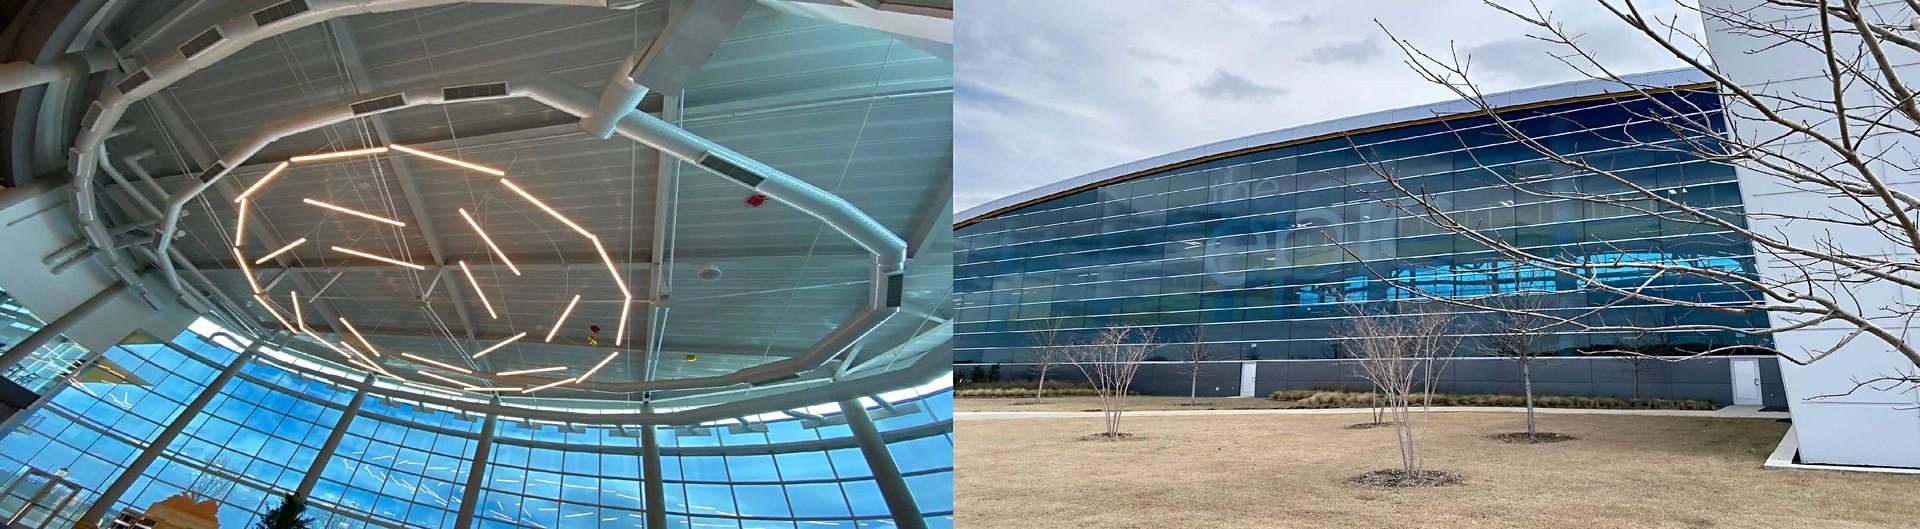 Recreation Center, Grand Prairie, TX